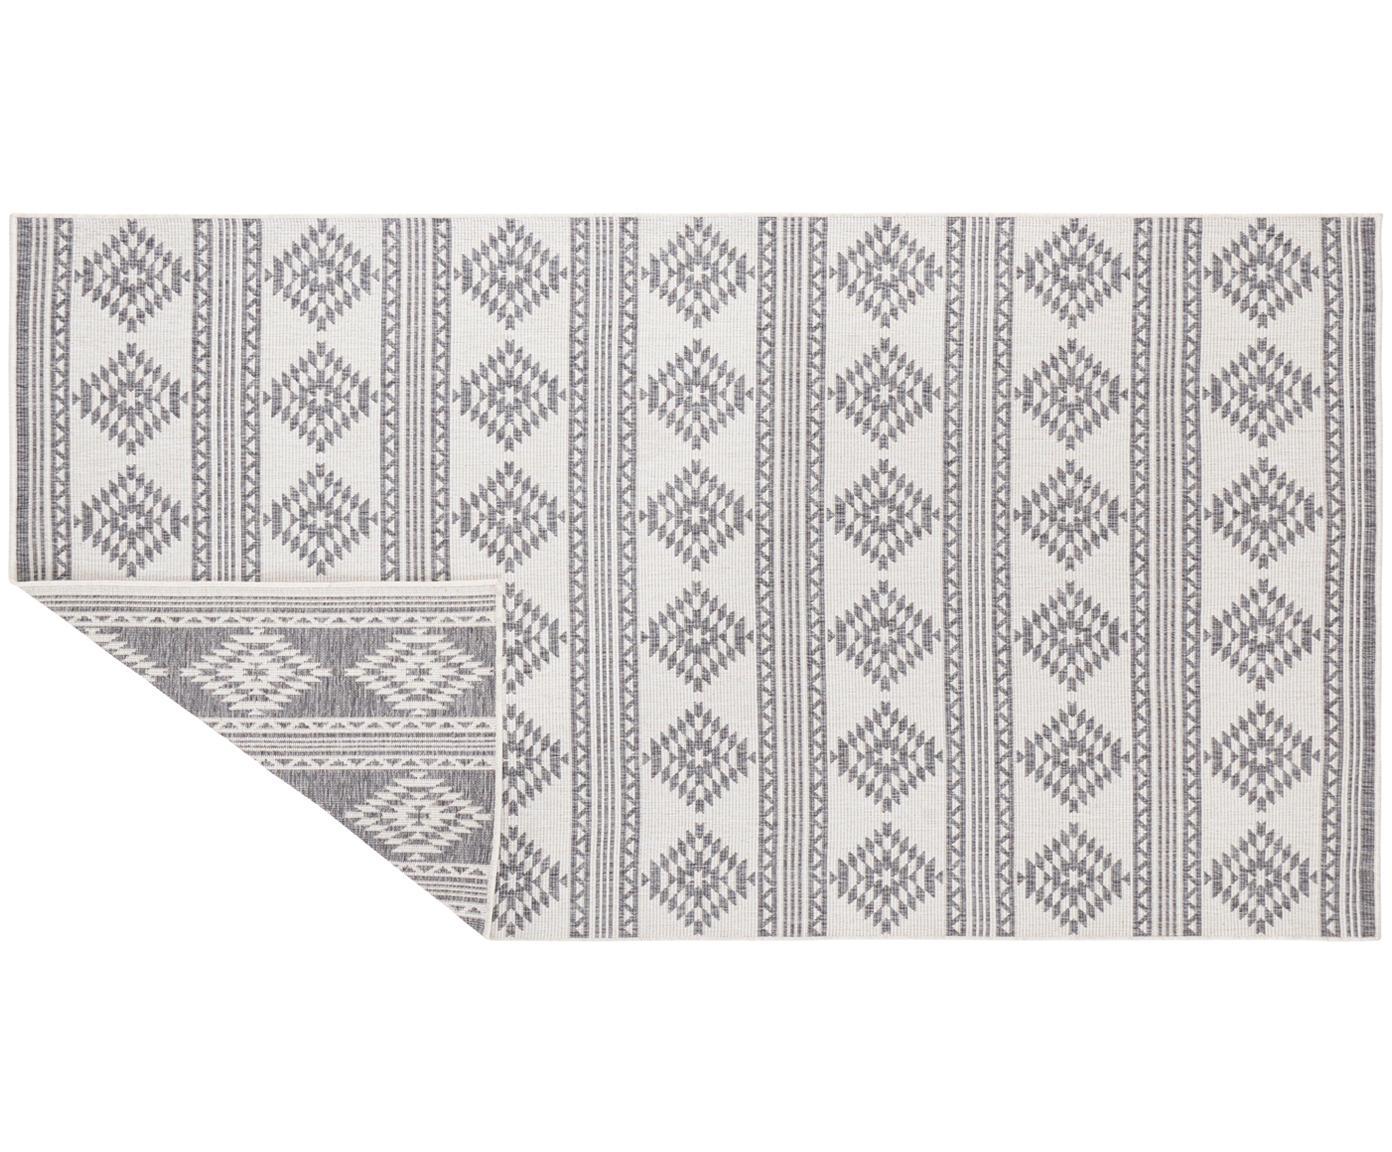 Dubbelzijdig ethno in- en outdoor vloerkleed Maple in grijs-wit, Polypropyleen, Grijs, crèmekleurig, B 80 x L 150 cm (maat XS)